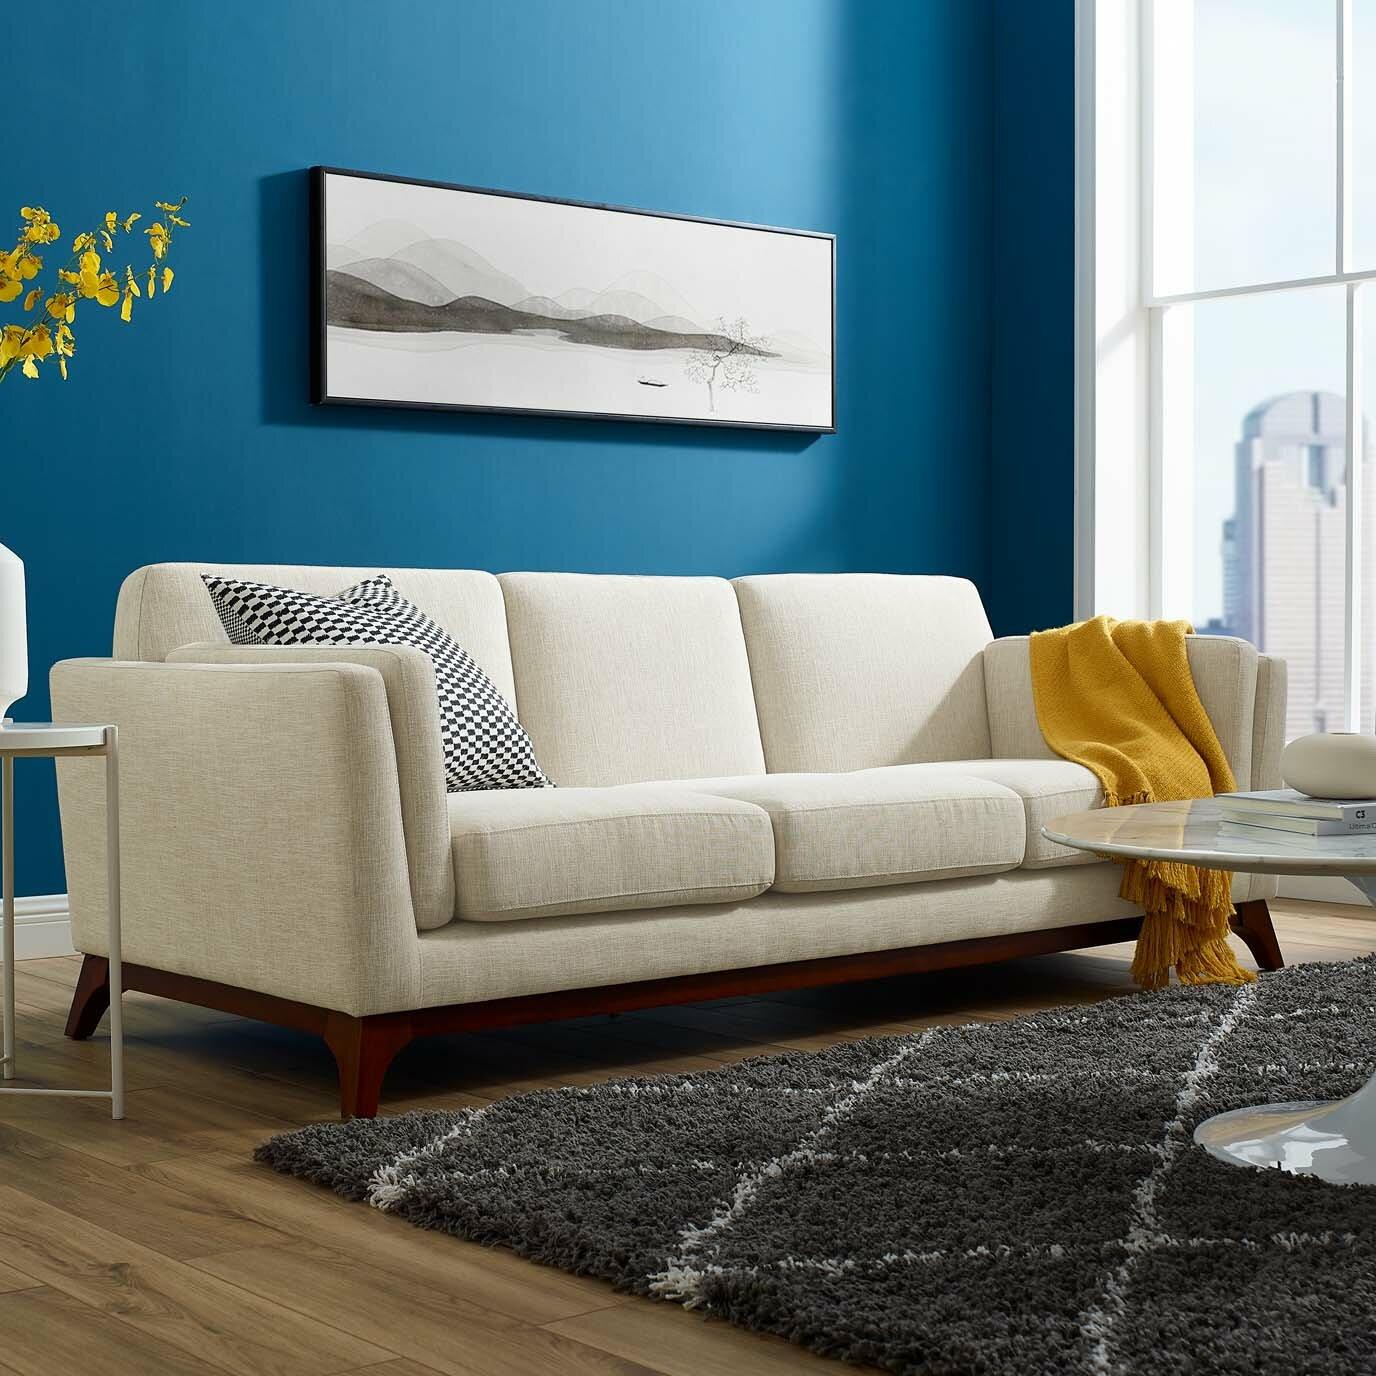 Downham 83 5 Square Arms Sofa